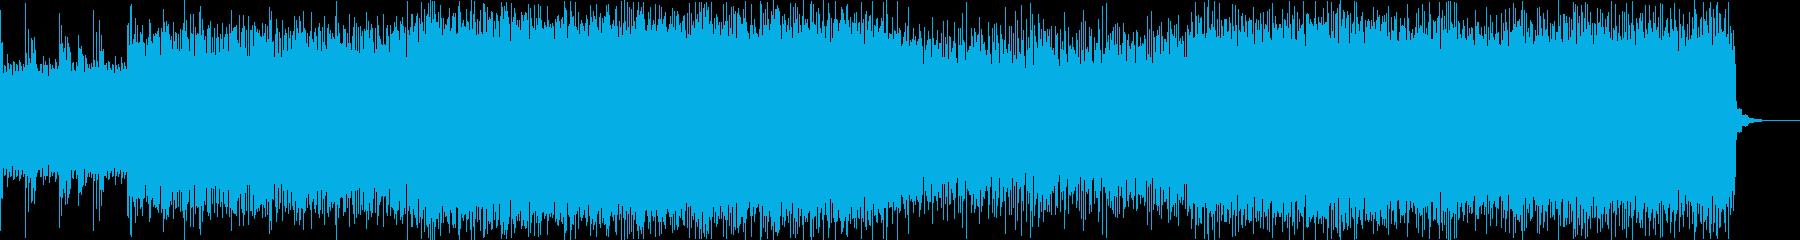 力押しスラッシュメタルの再生済みの波形